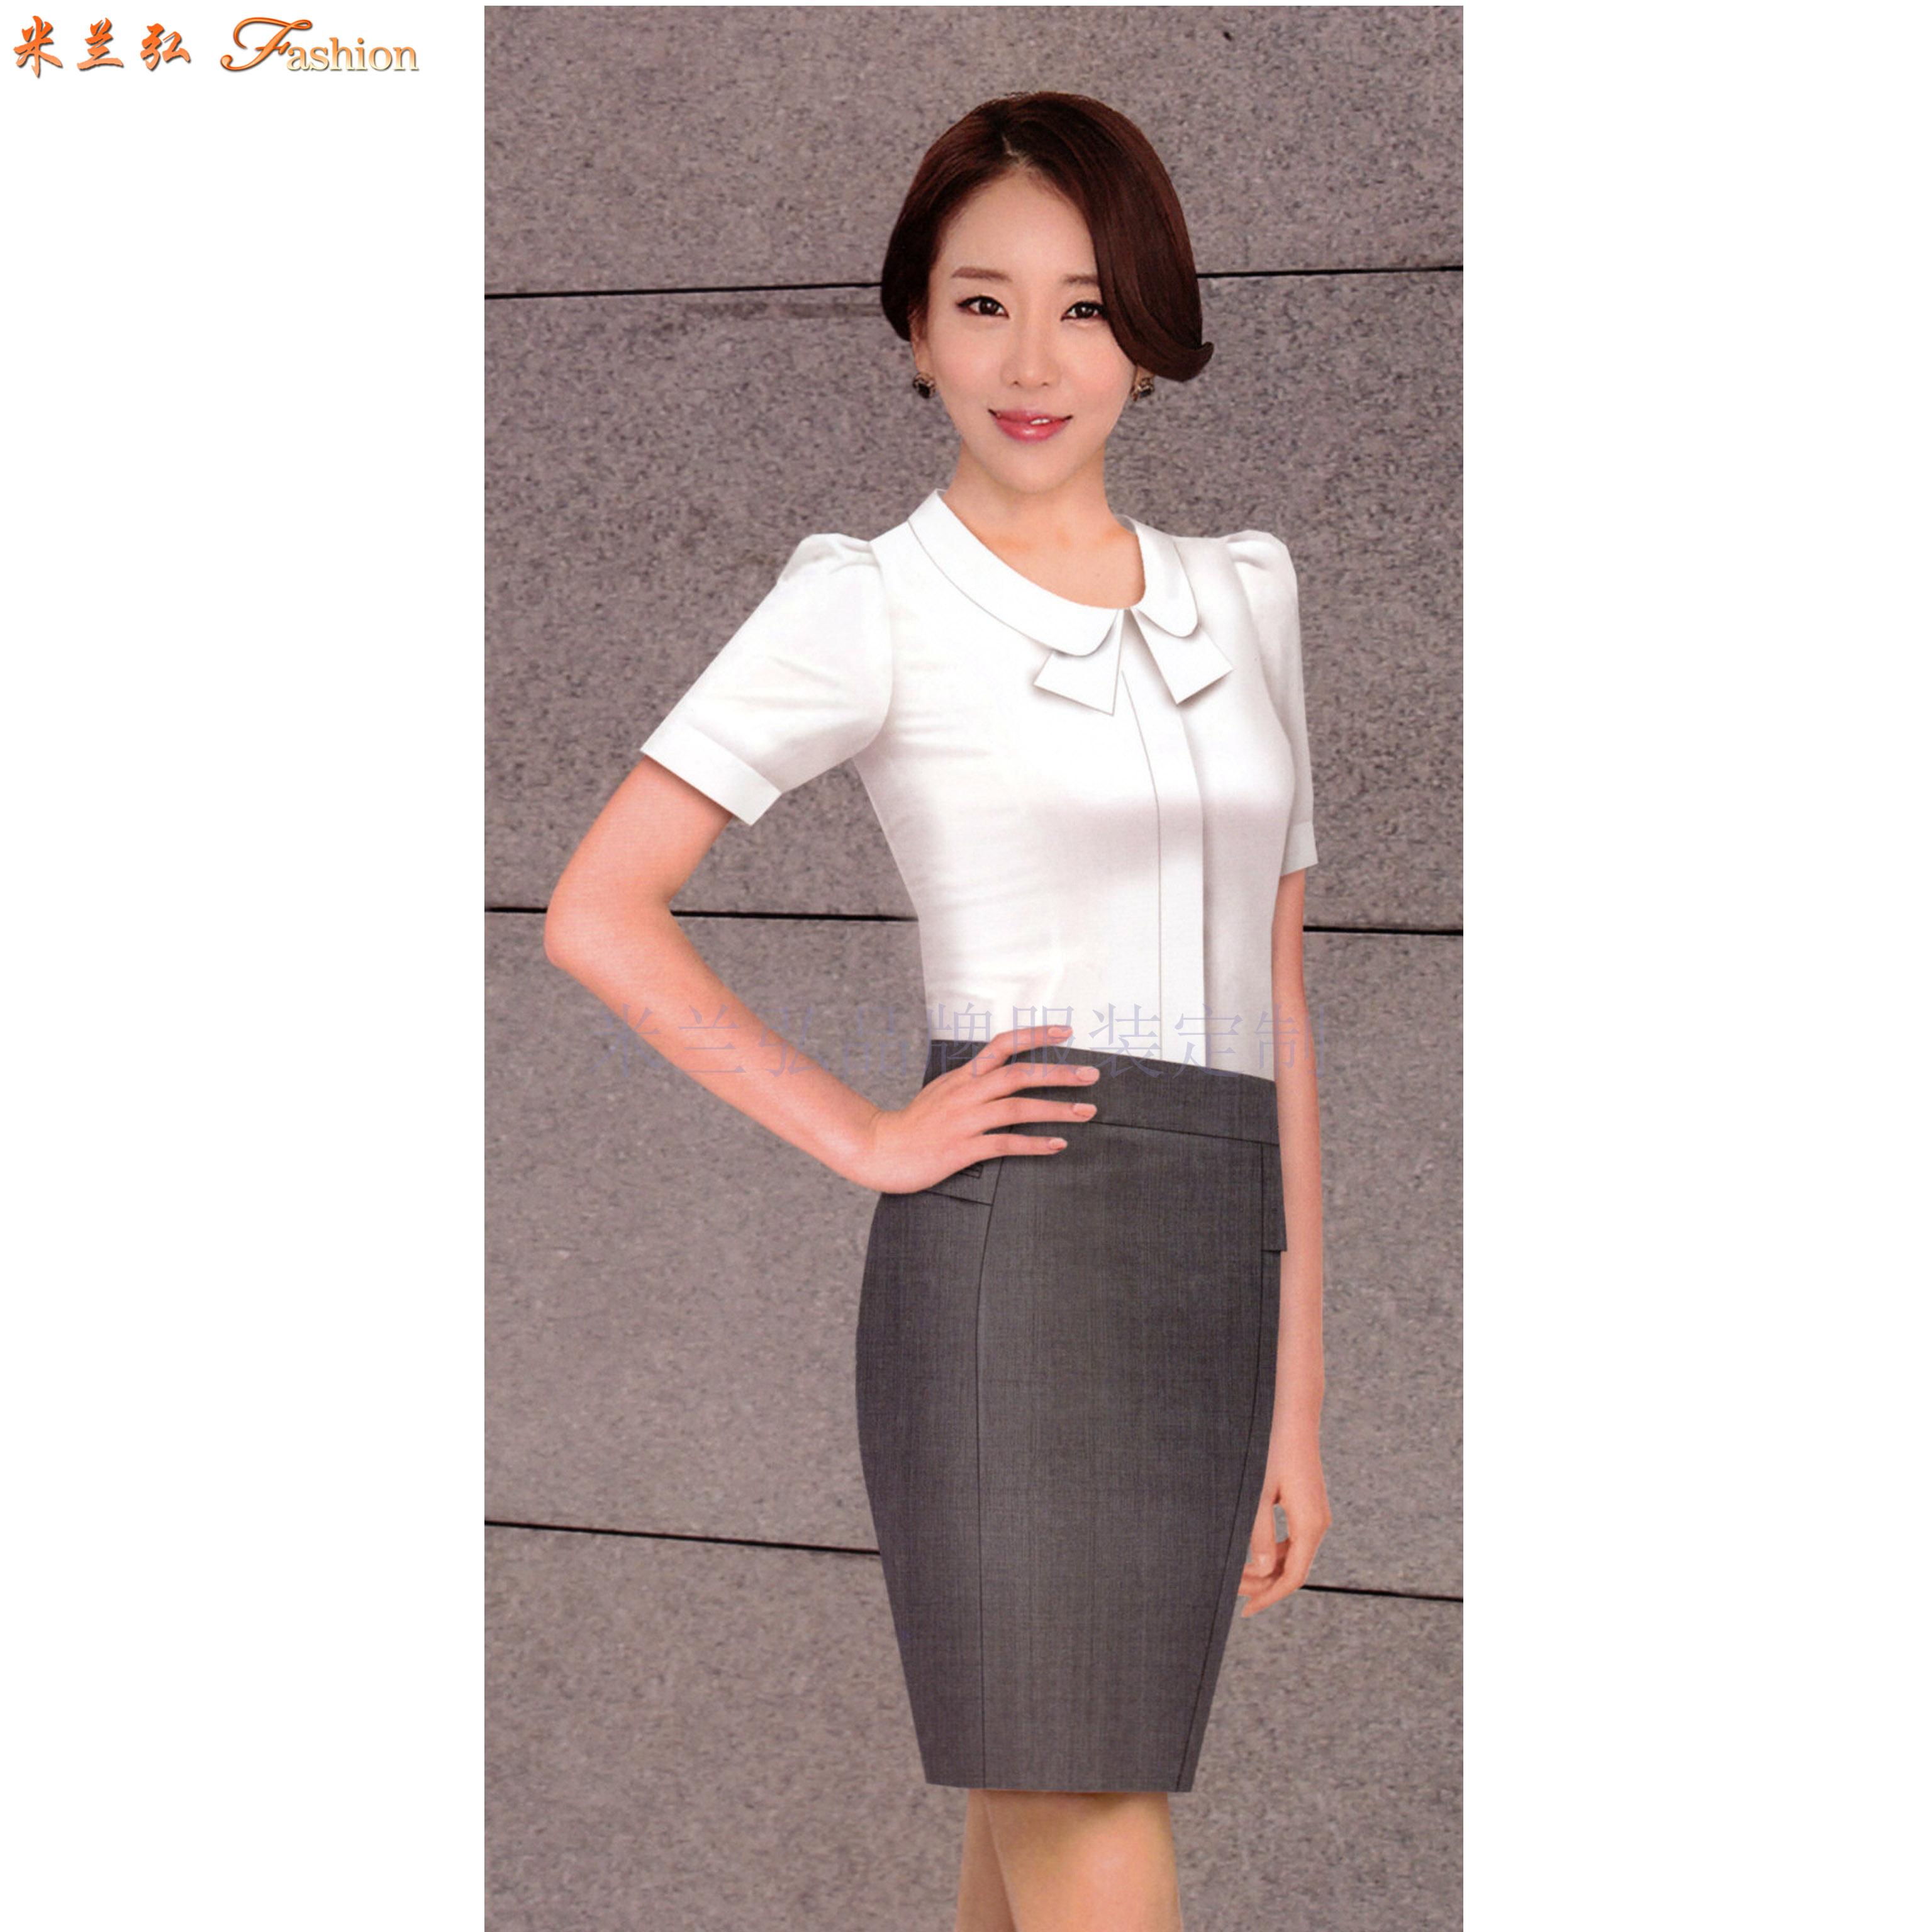 「短袖工作服」供應訂制企業夏天涼爽短袖襯衫套裝-米蘭弘服裝-2